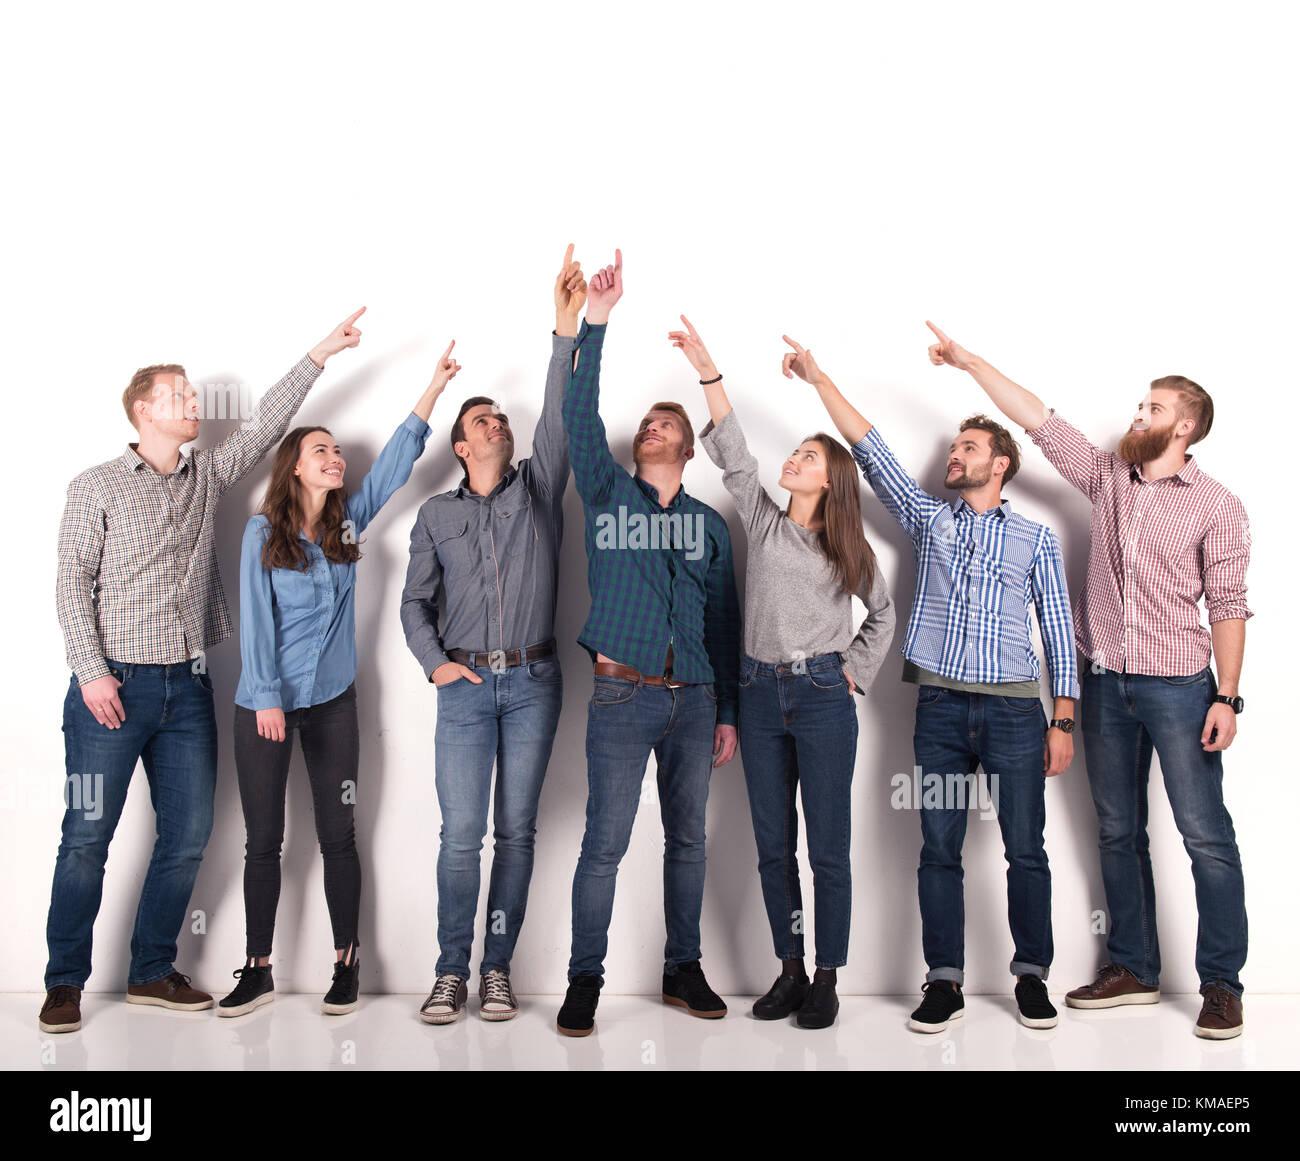 La gente di affari di indicare con la mano di uno spazio vuoto per il tuo messaggio Immagini Stock